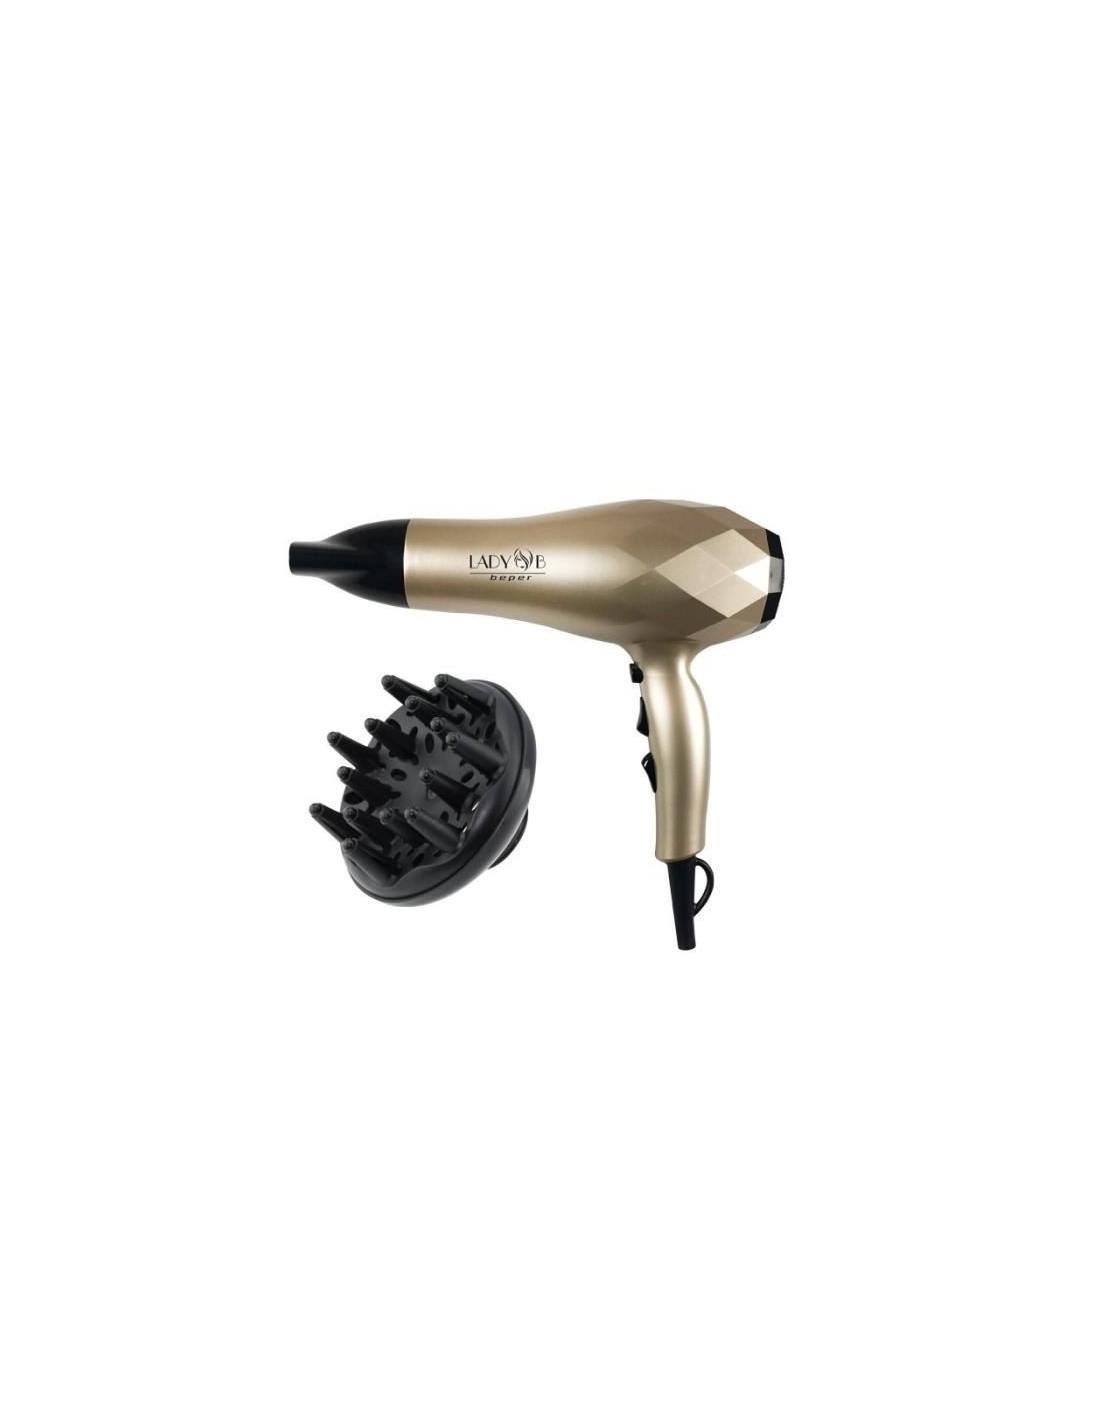 Sèche cheveux BEPER 2200 W Gold (40.403)